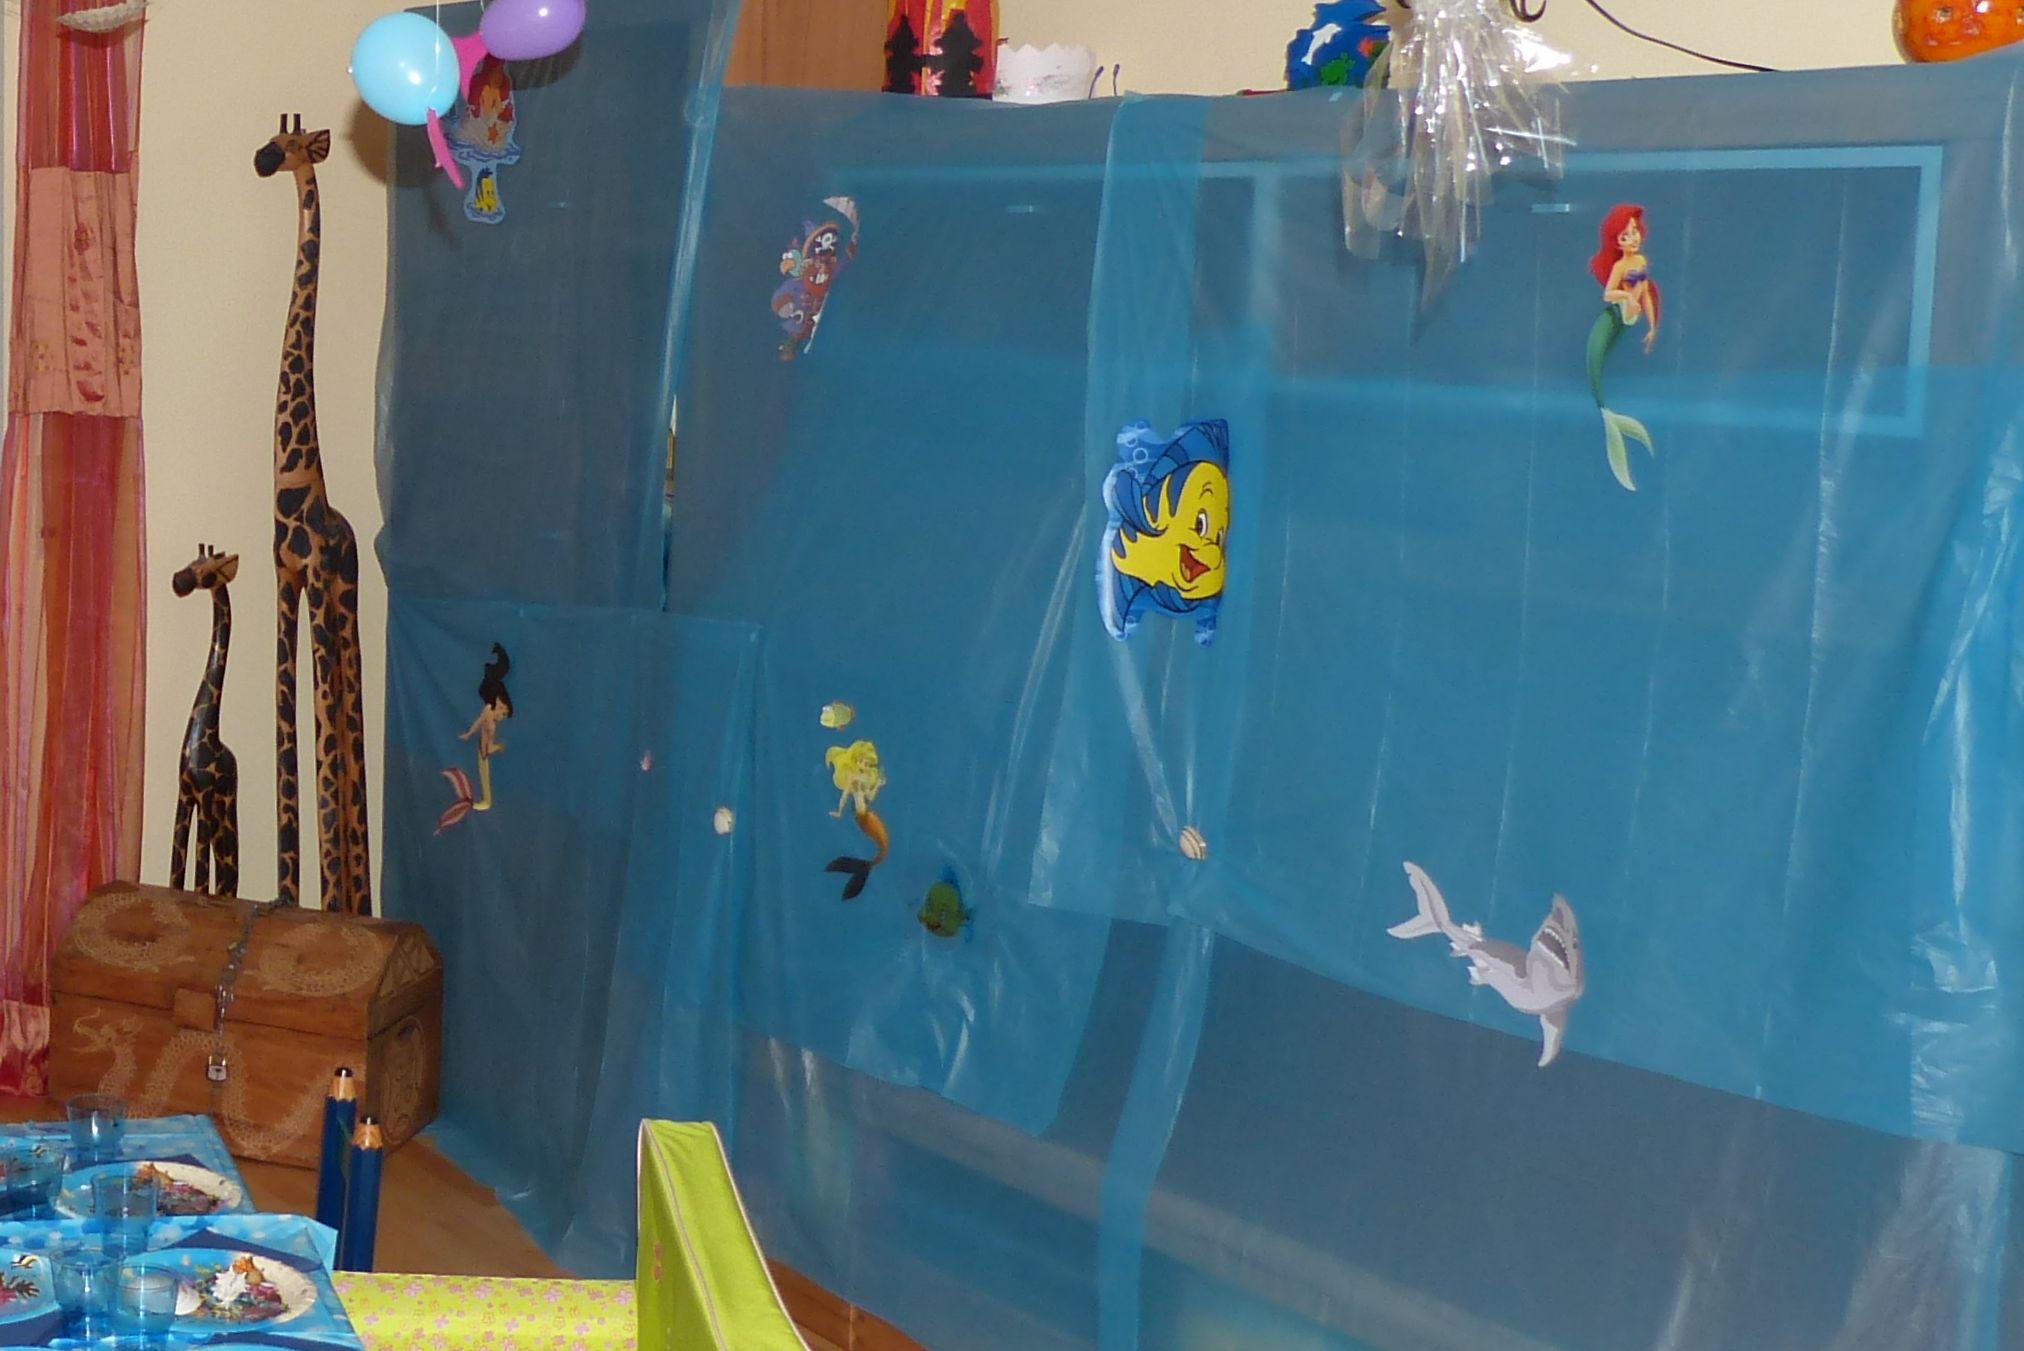 Meerjungfrauen- und Piraten-Party - Party-Anleitung ~Partiesserie